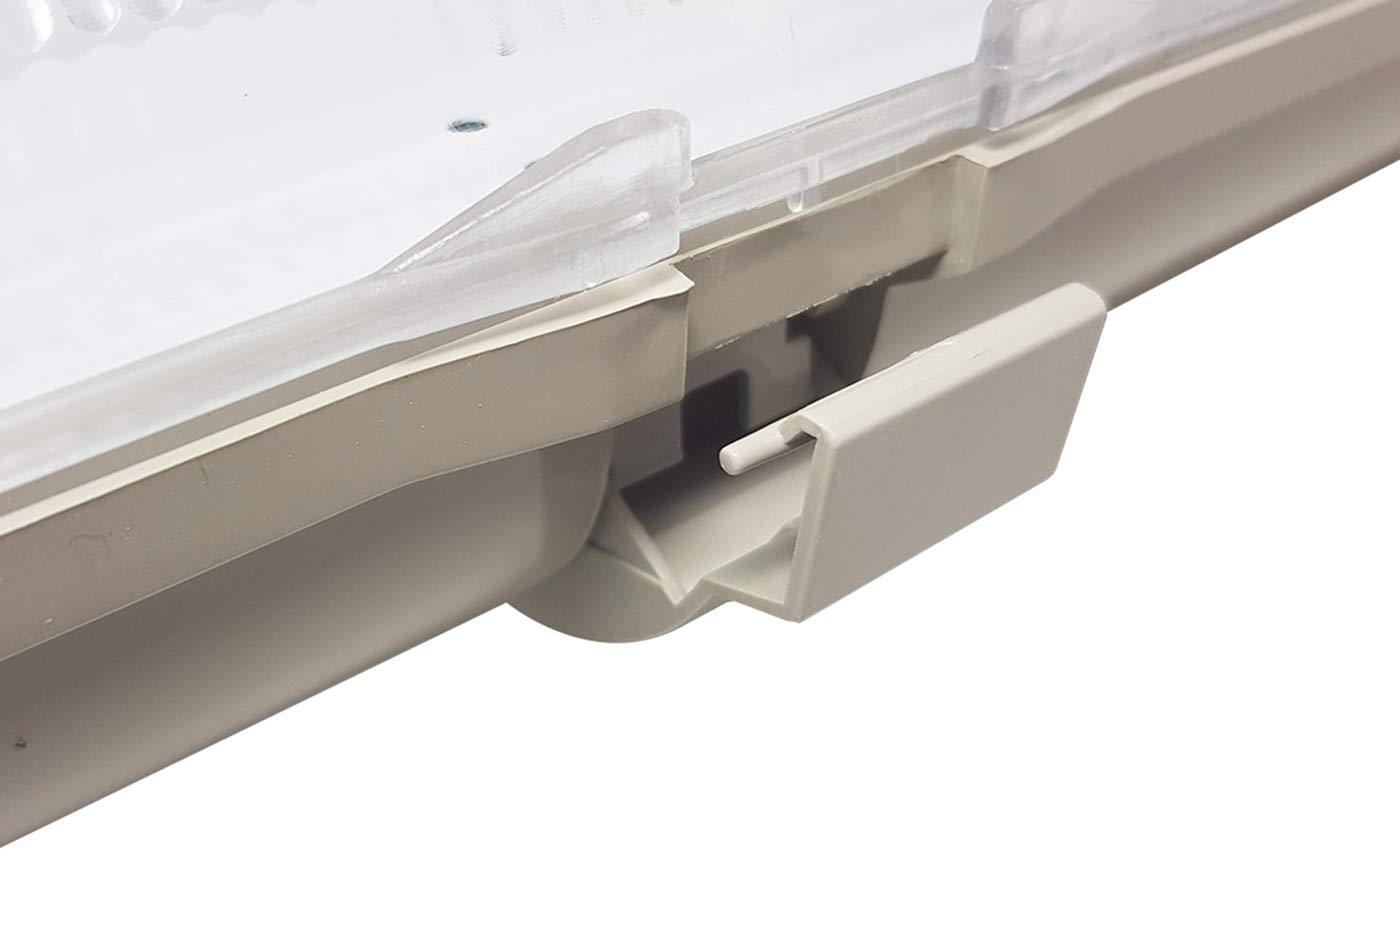 Plafoniera Doppio Neon 150 Cm : Plafoniera stagna attacco doppio led neon t cm esterno